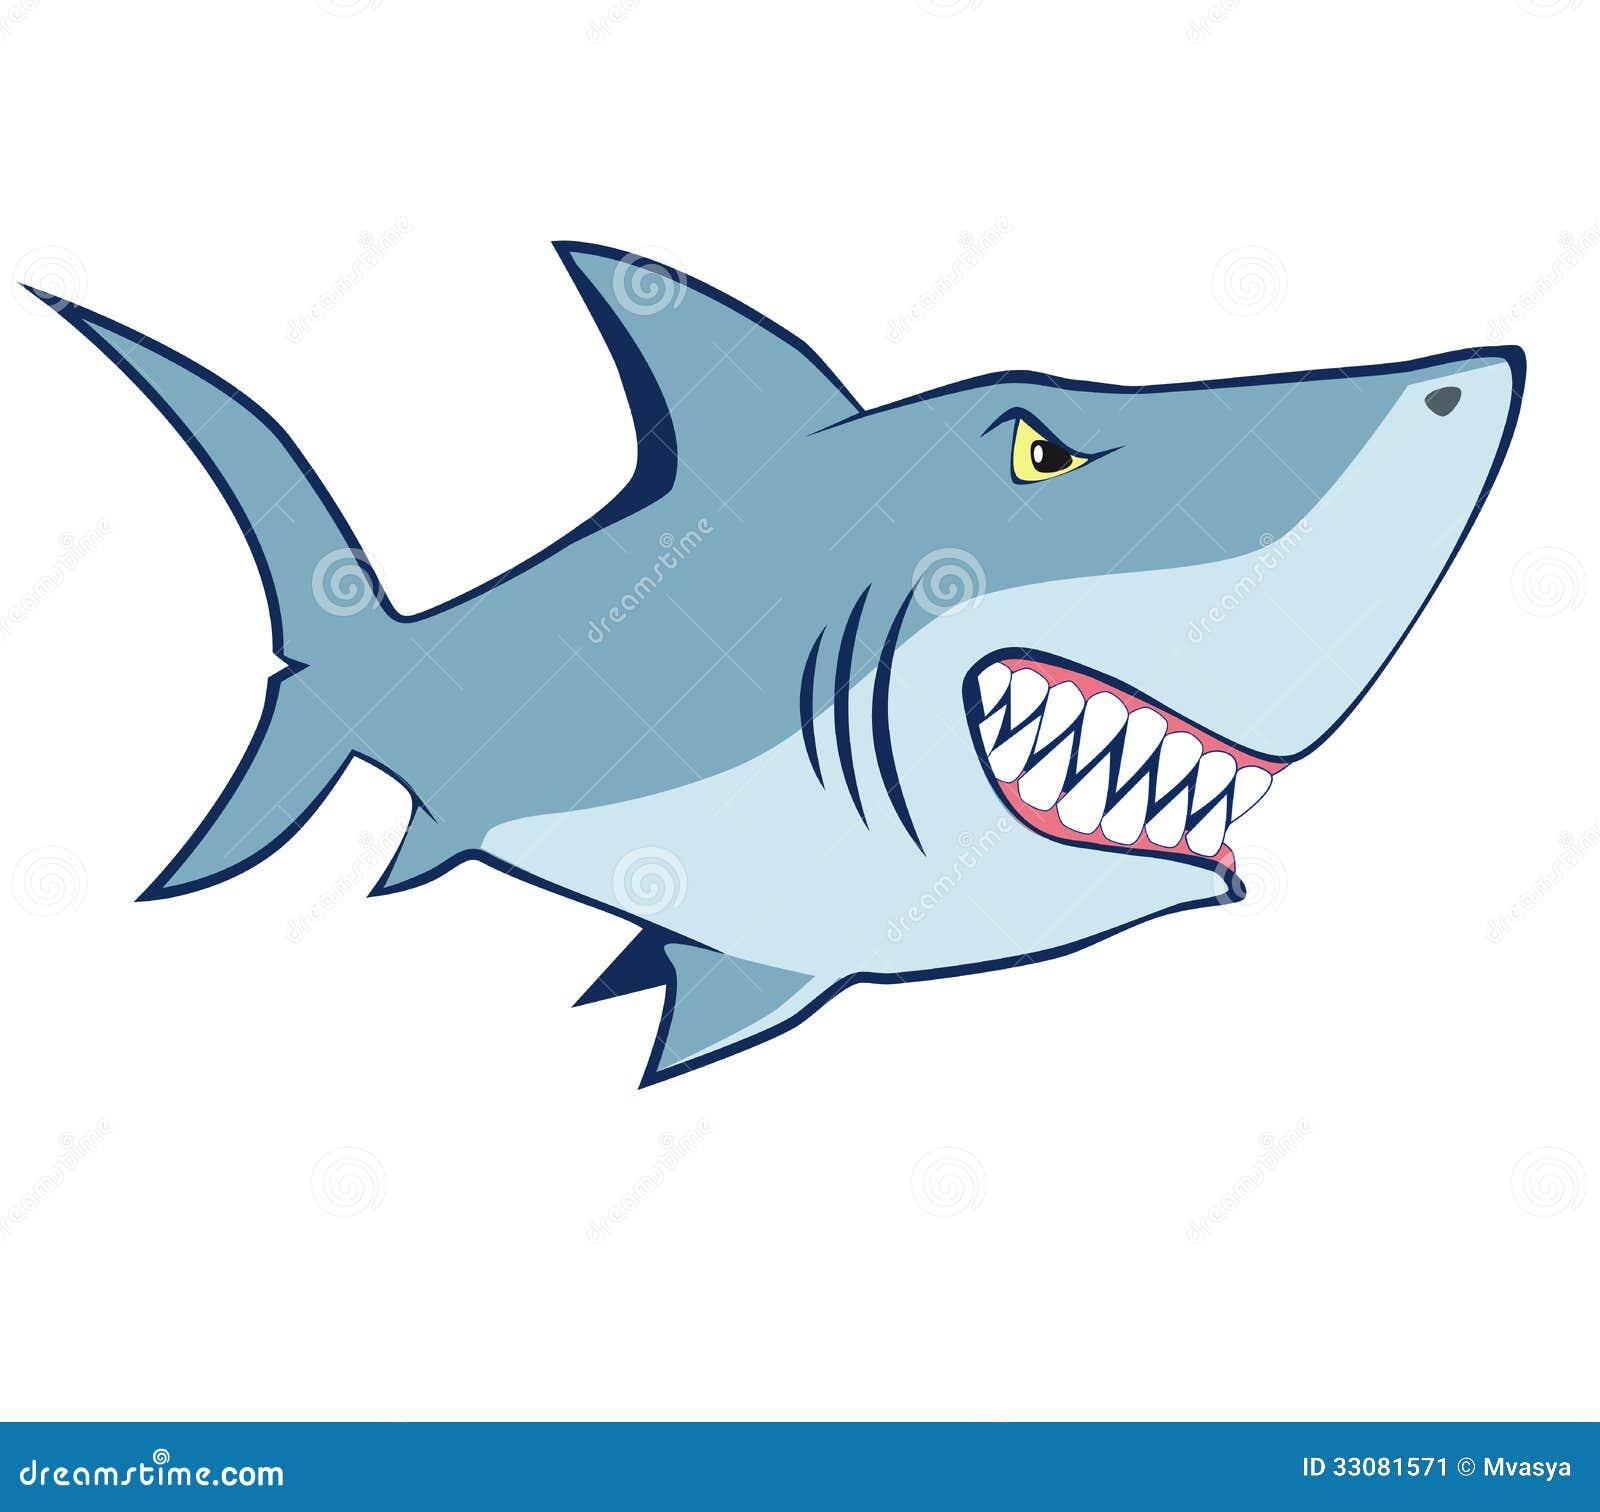 Cartoon shark. Vector illustrationcartoon shark. Vector illustration.